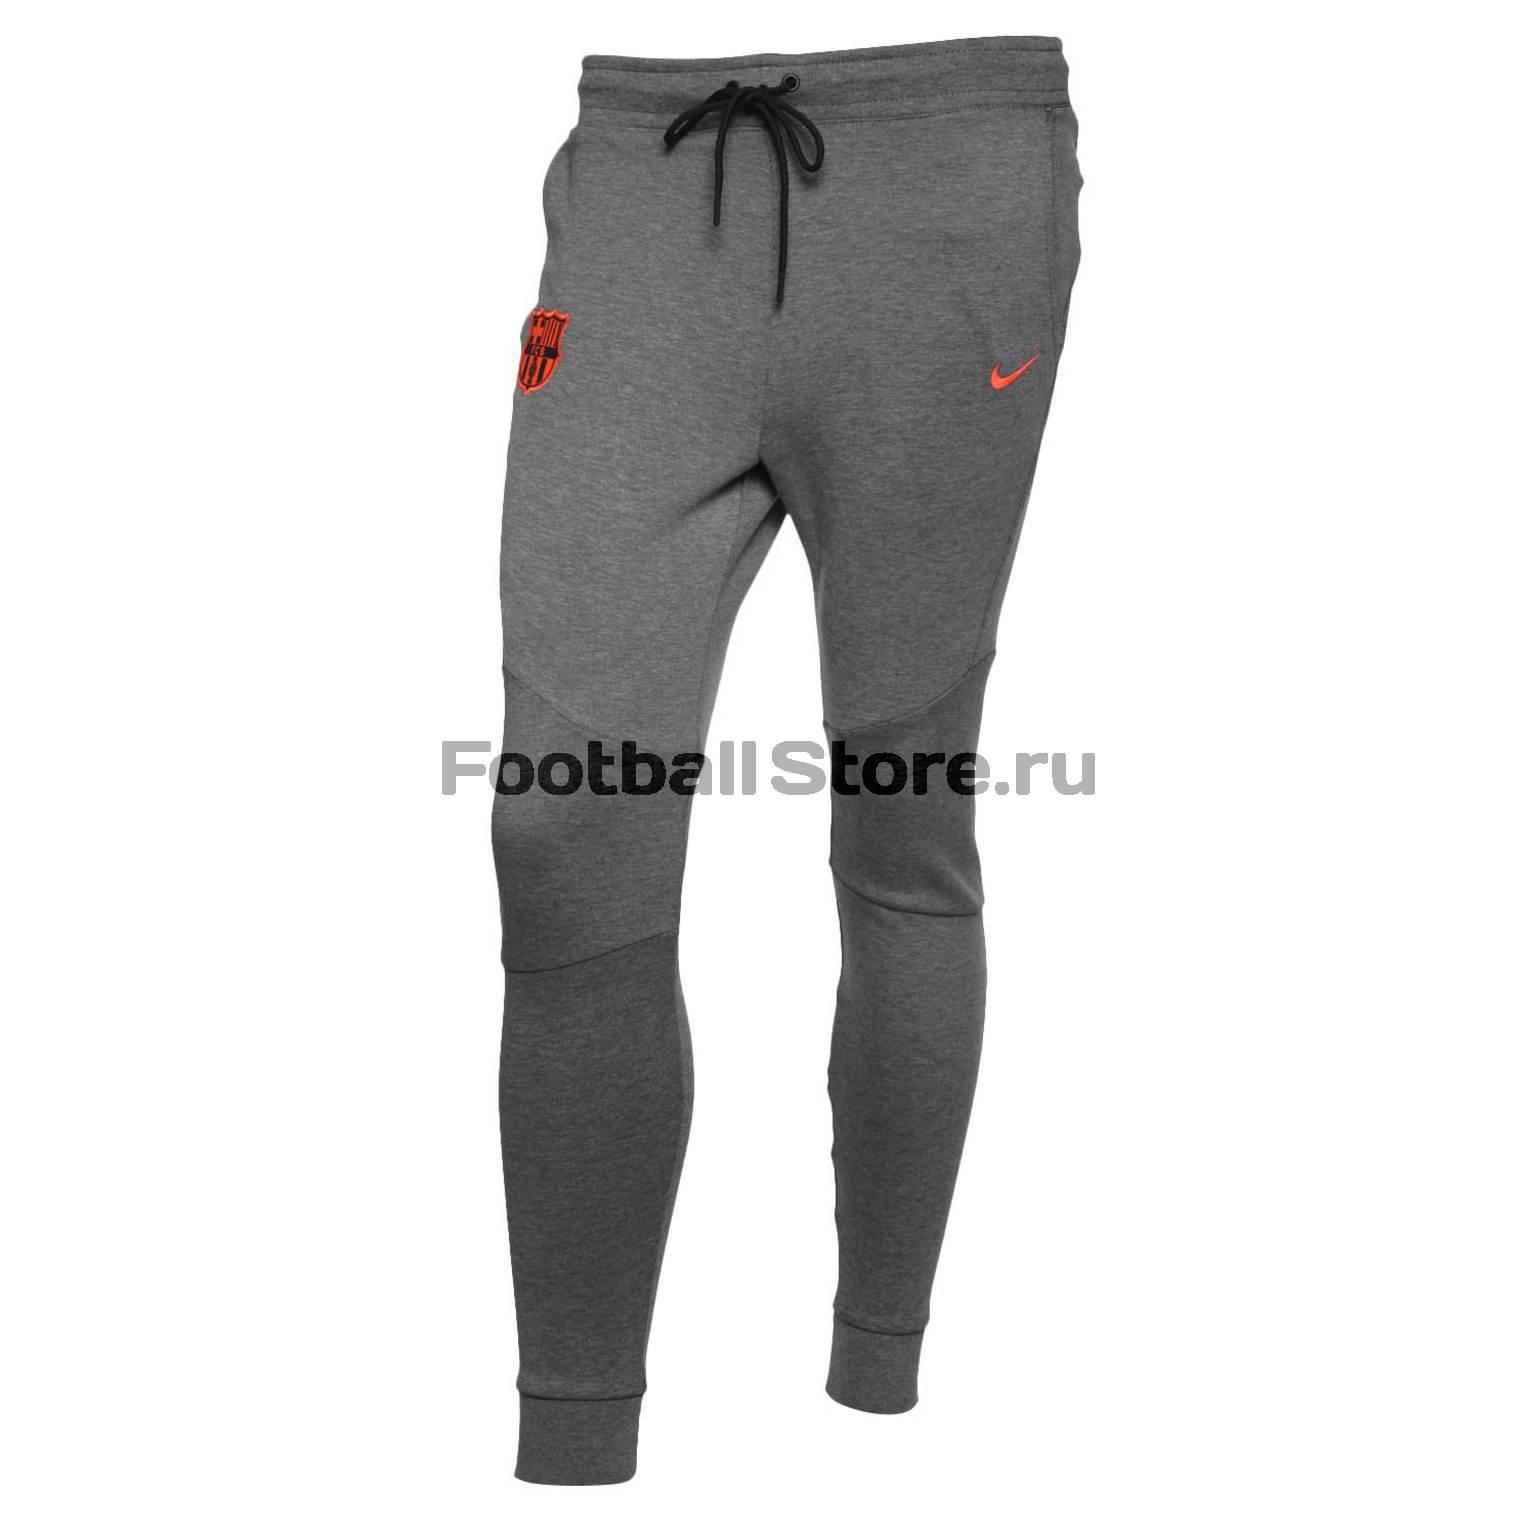 Брюки тренировочные Nike Barcelona AA1935-095 barcelona nike брюки тренировочные nike barcelona aa1935 036